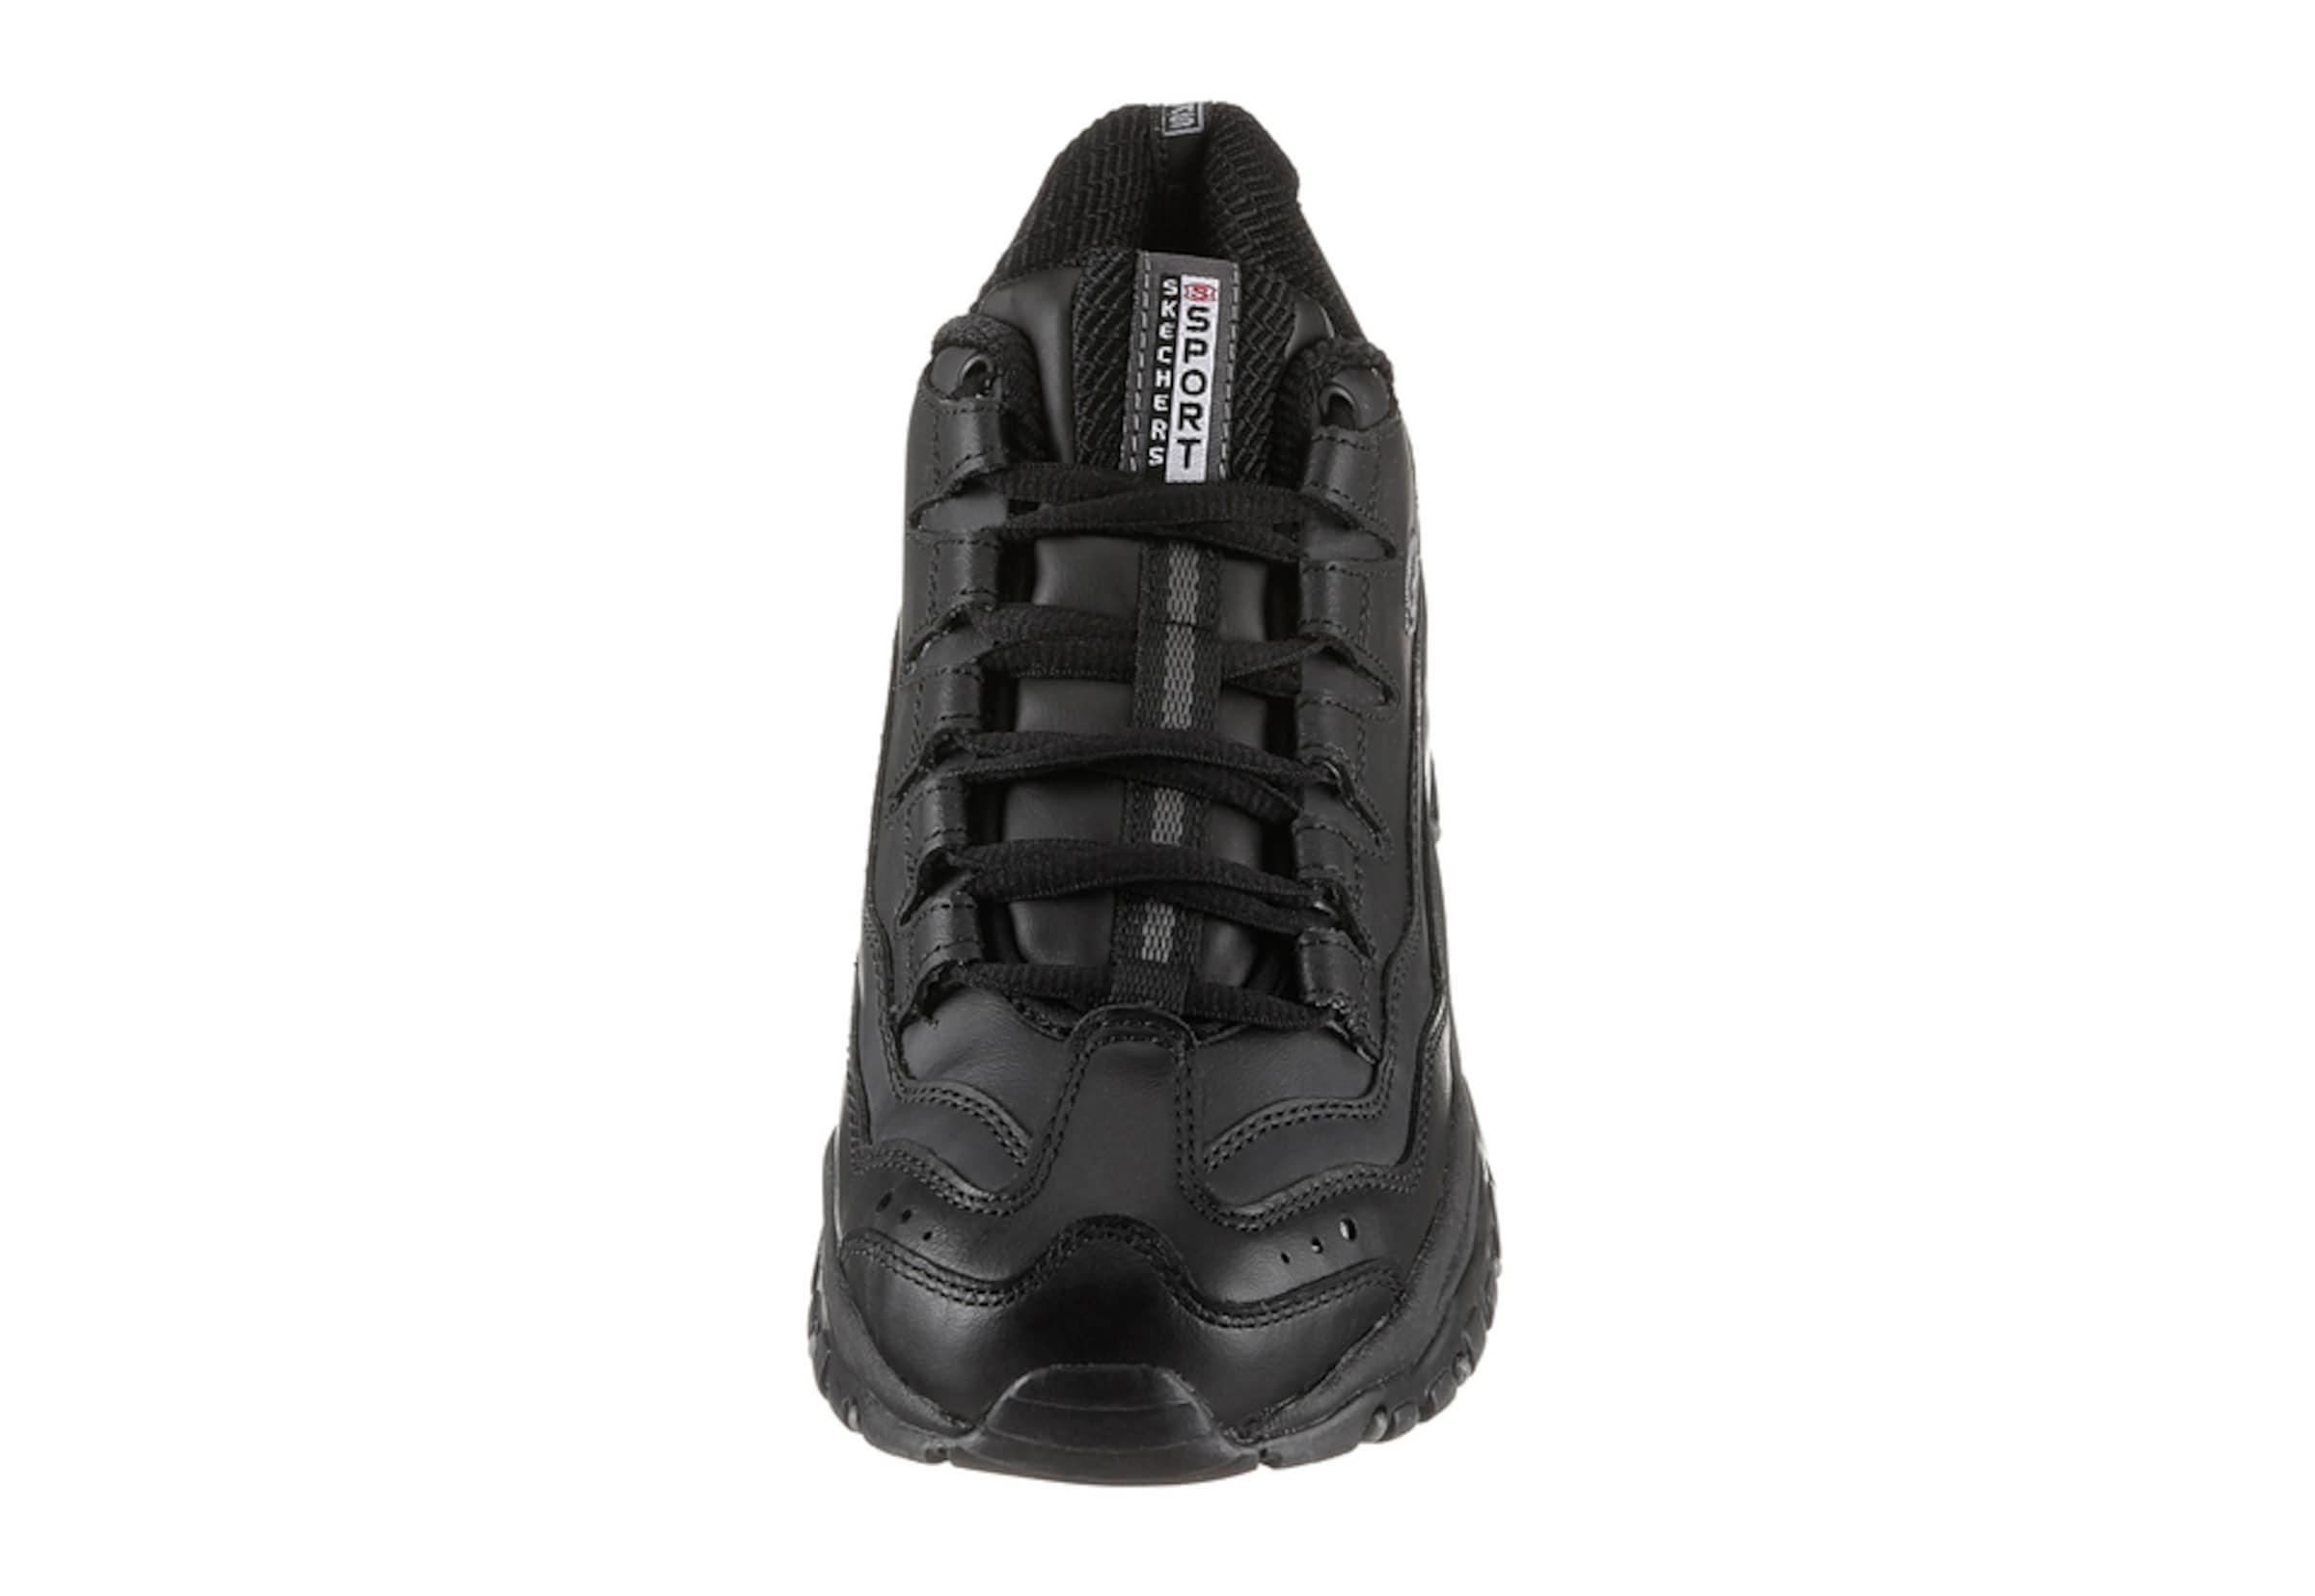 Skechers Baskets Baskets En Basses Skechers Basses Noir EDHY9IW2